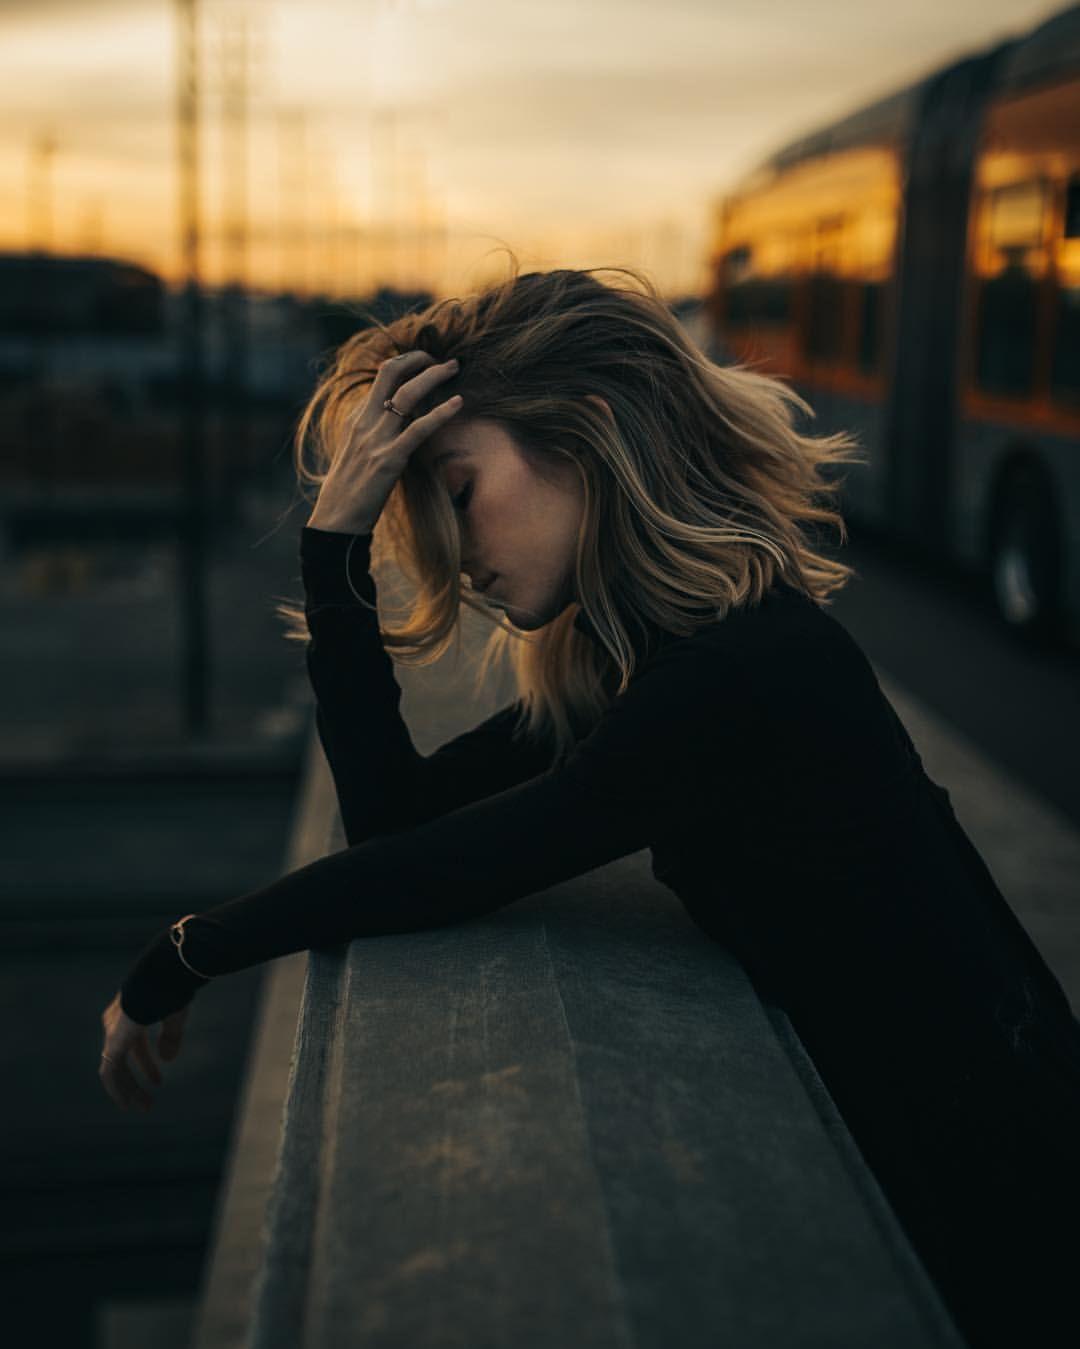 Красивые фотосессии на улице для девушек   фото (4)